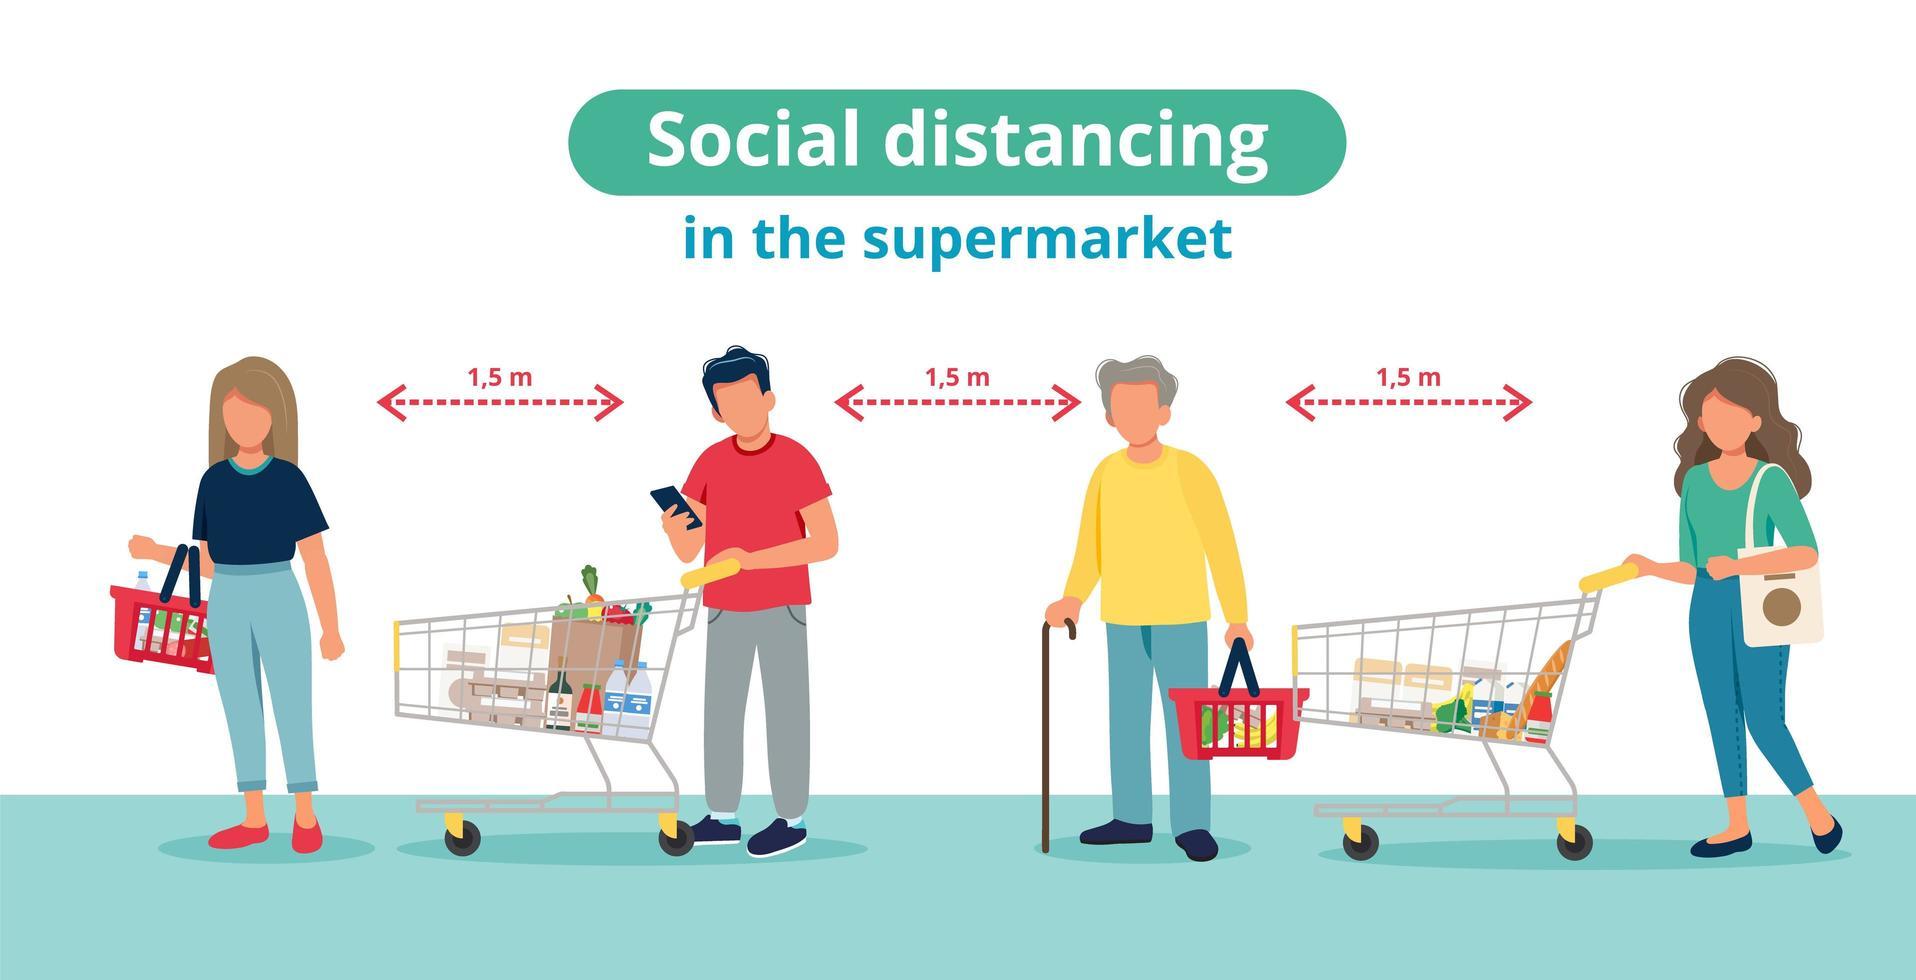 allontanamento sociale nel concetto di supermercato vettore